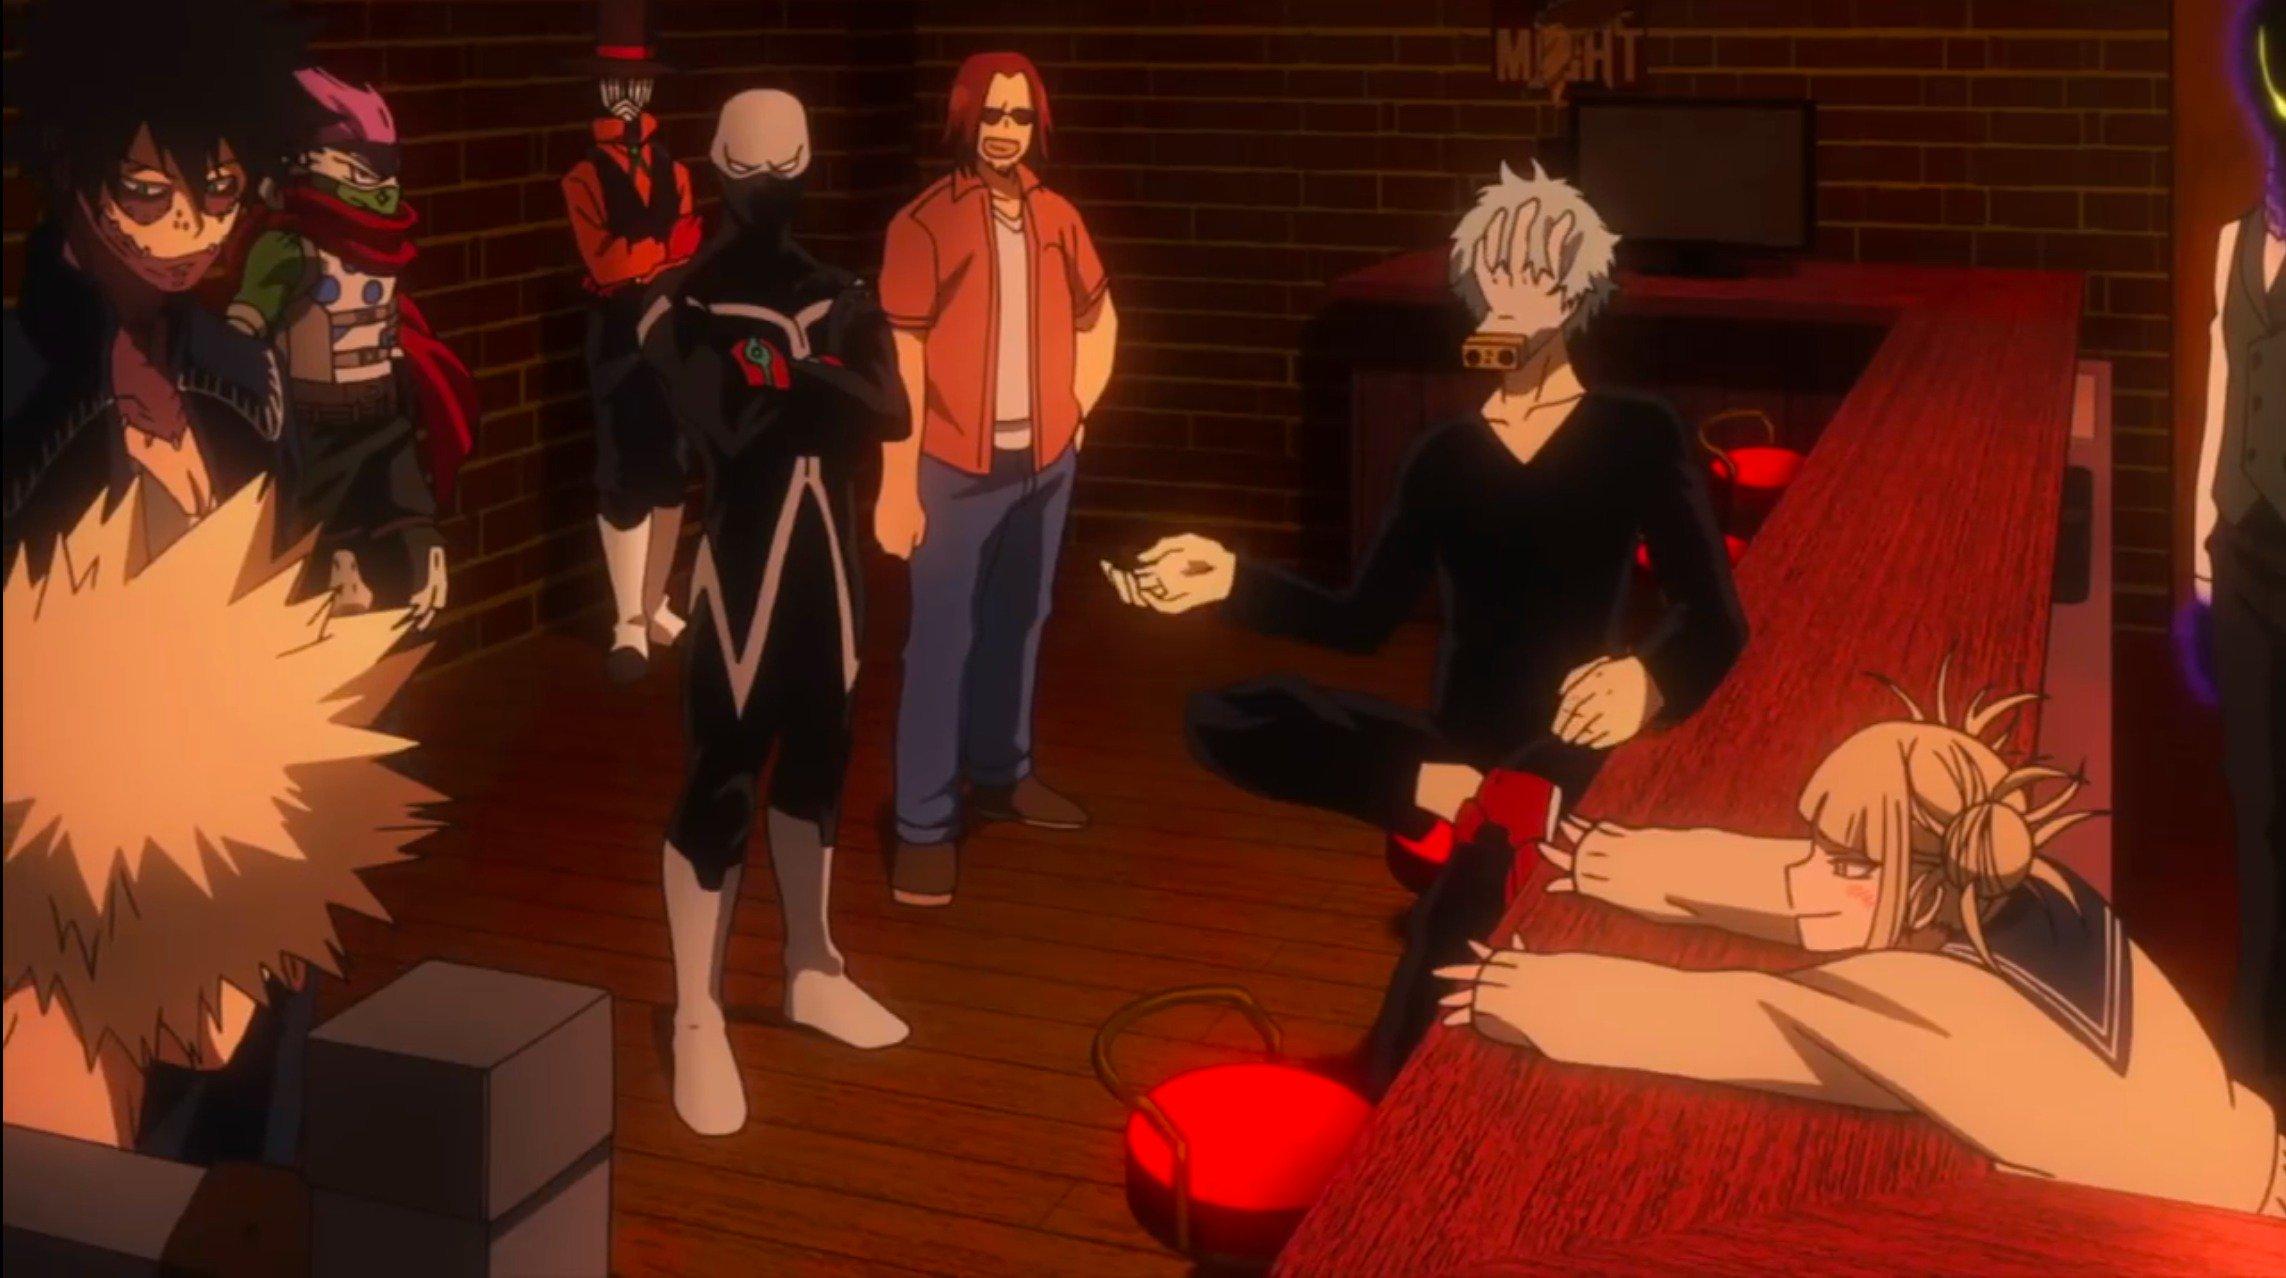 Boku no Hero Academia Season 3 Episode 8 – Anime Articles